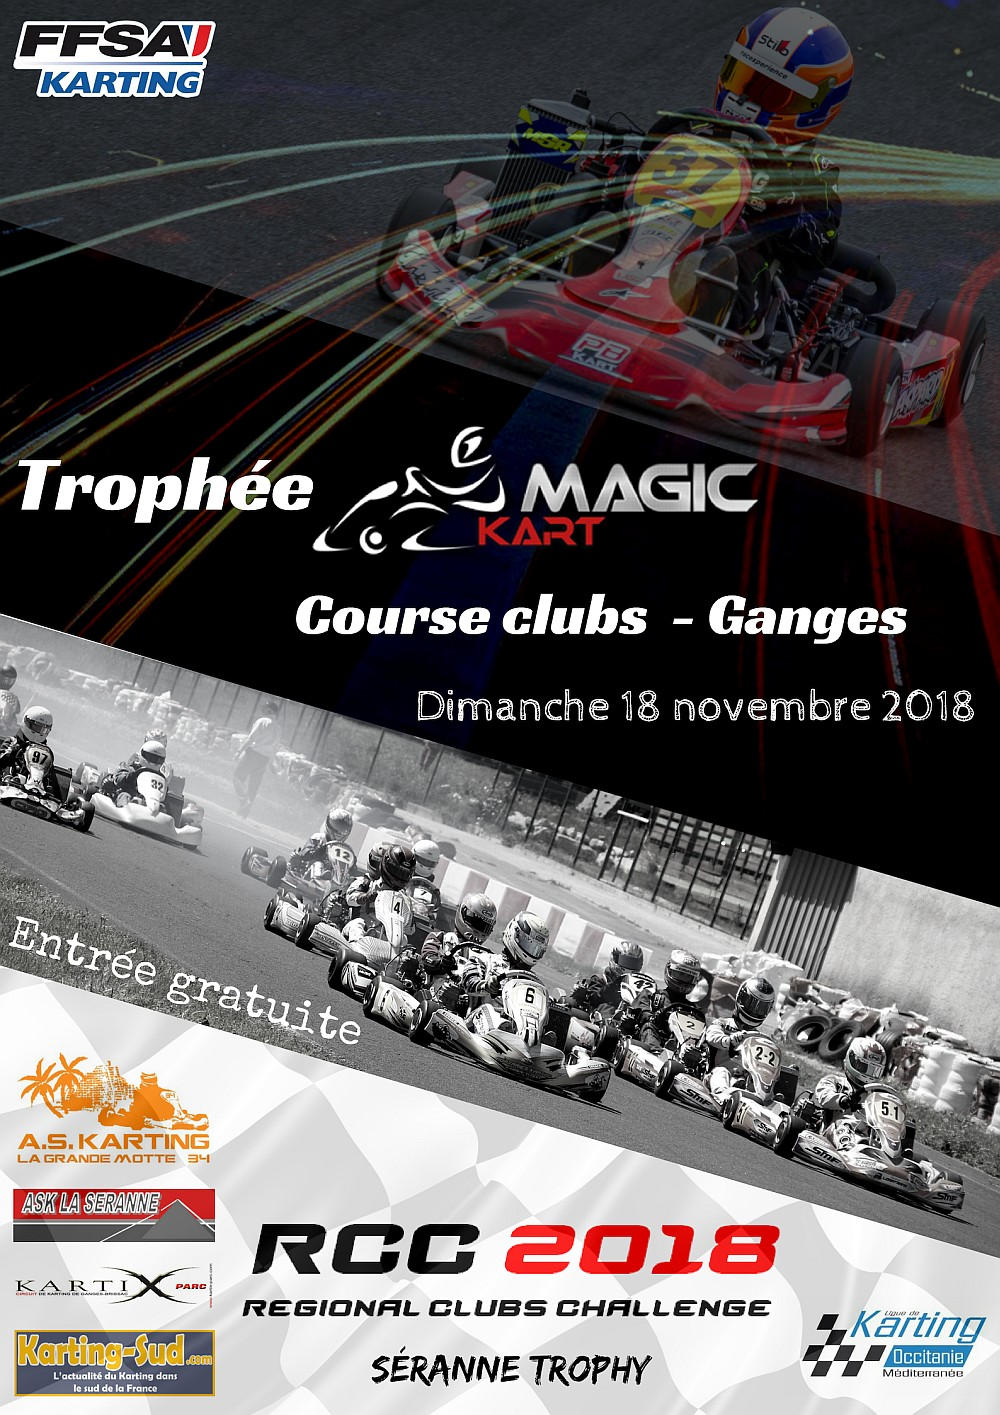 """Trophée Magickart """"RCC 4/4"""" - Course Clubs - Dimanche 18 novembre - Circuit Kartix Parc de Ganges"""